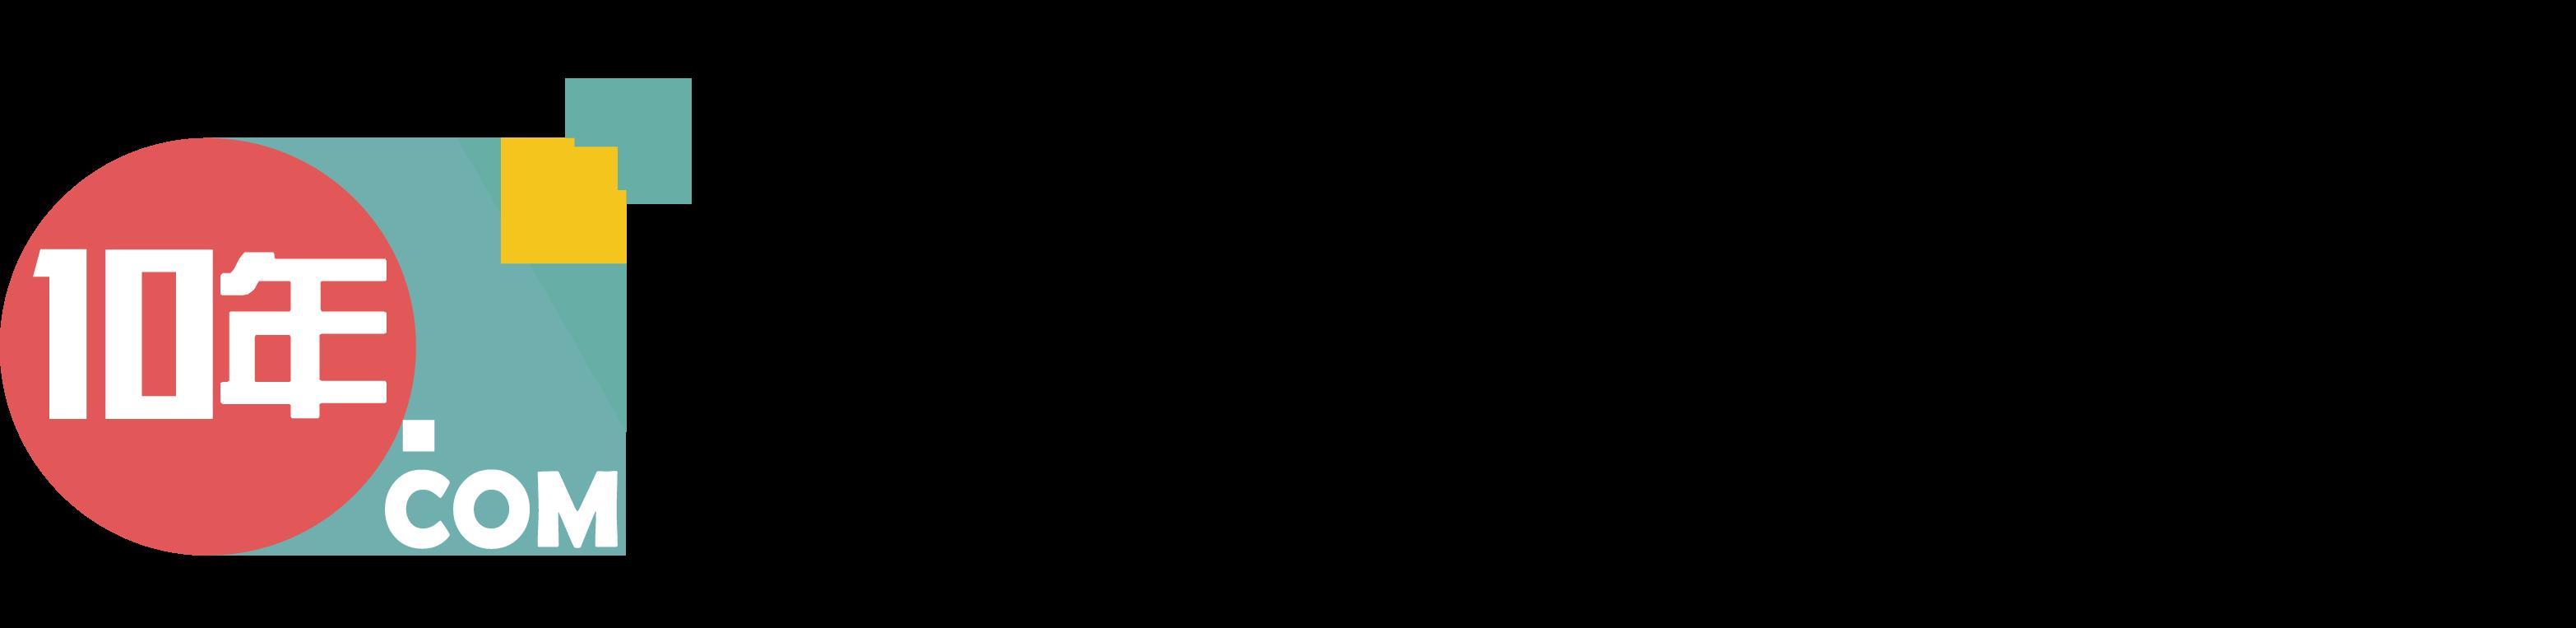 天锦在线视频制作定制平台 重庆婚礼相册 开场视频制作 企业年会 宣传视频制作 感恩父母 重庆婚礼电子请柬制作 免费婚礼视频制作平